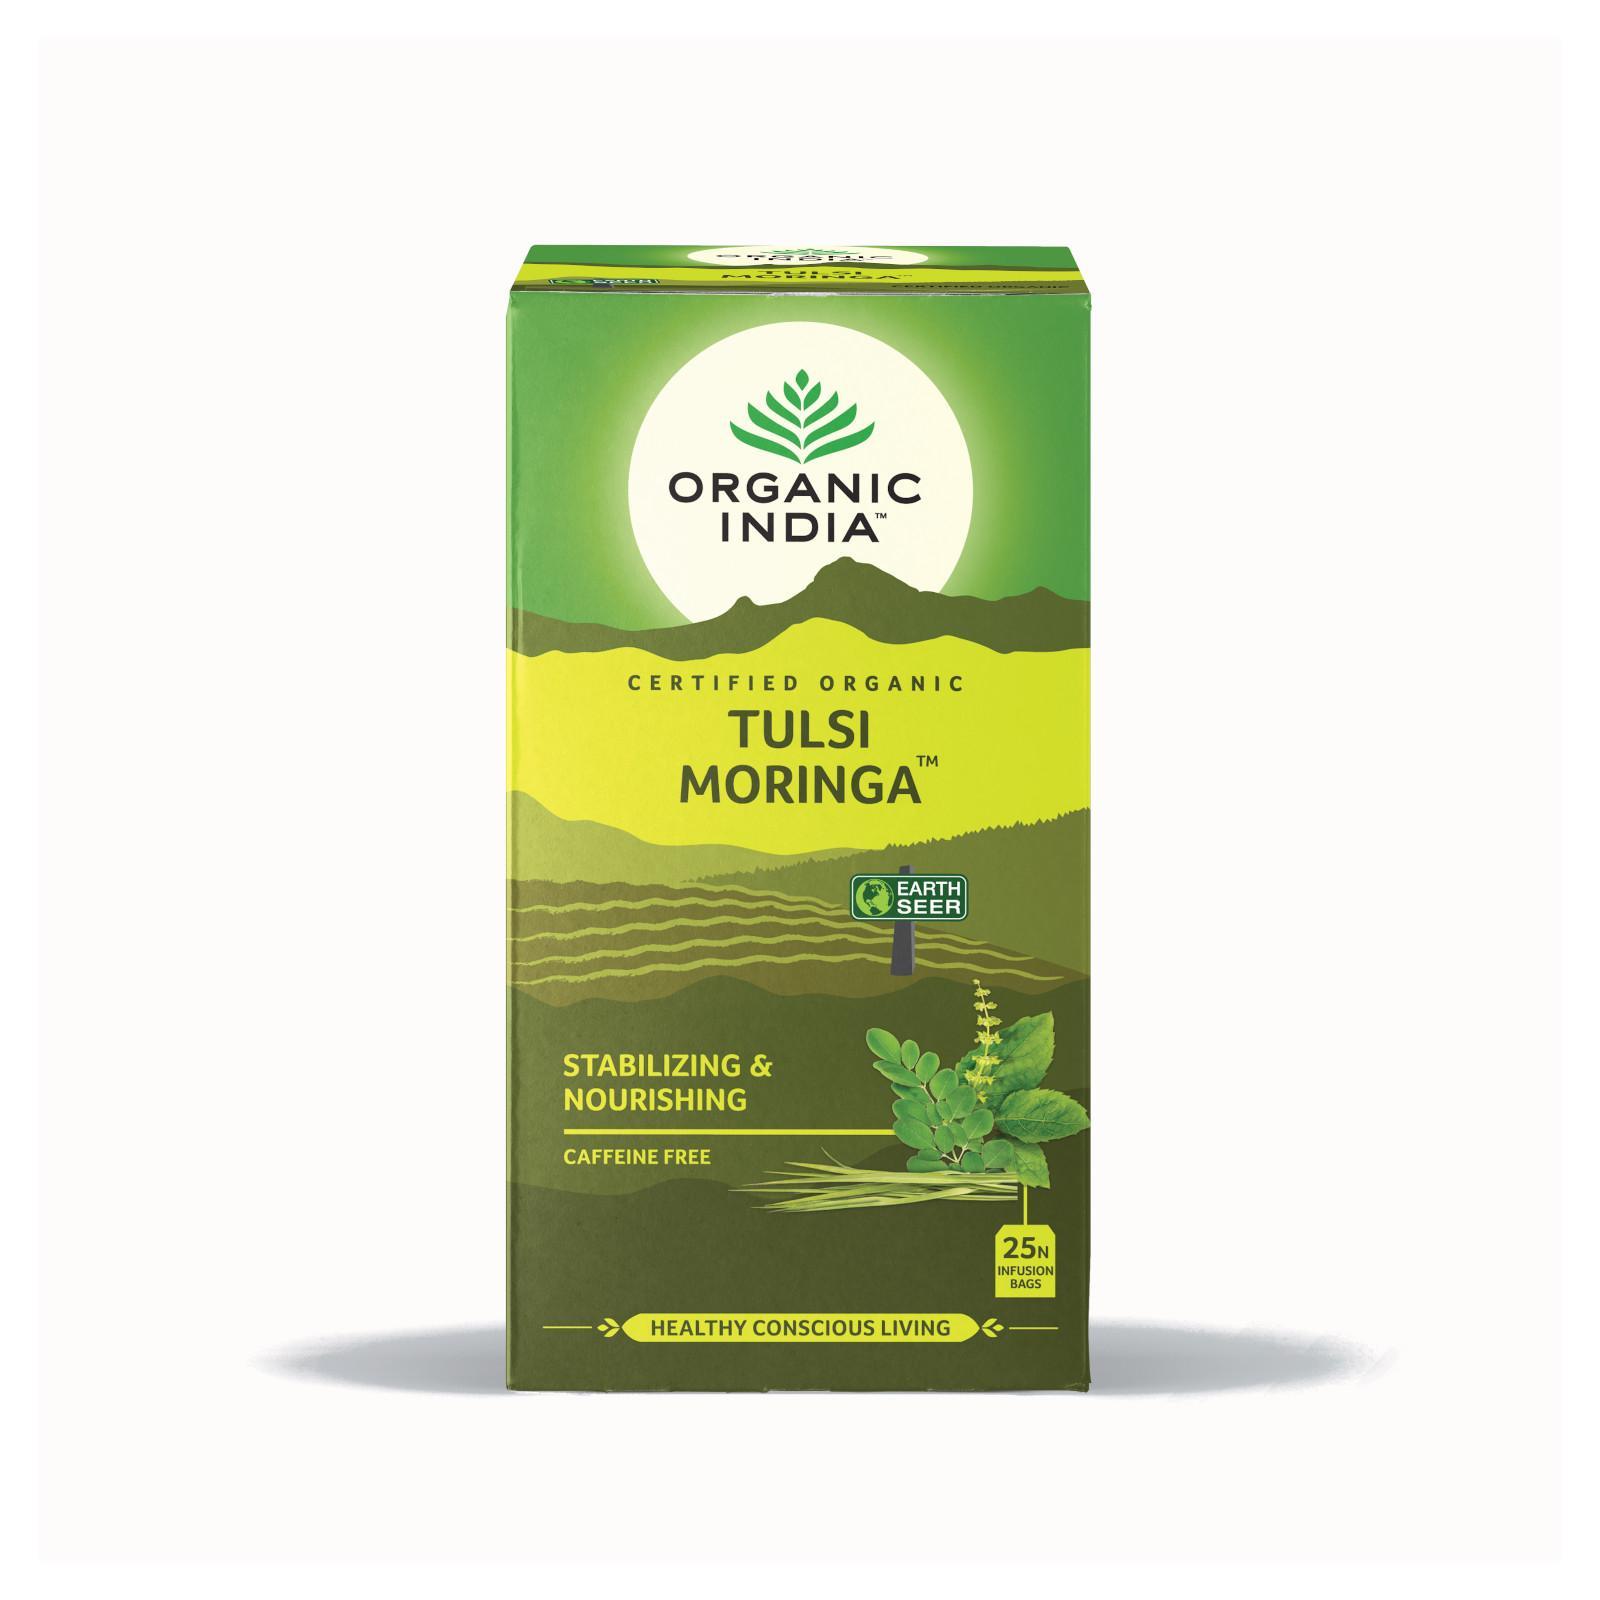 Organic India Čaj Tulsi Moringa, bio 36 g, 25 ks